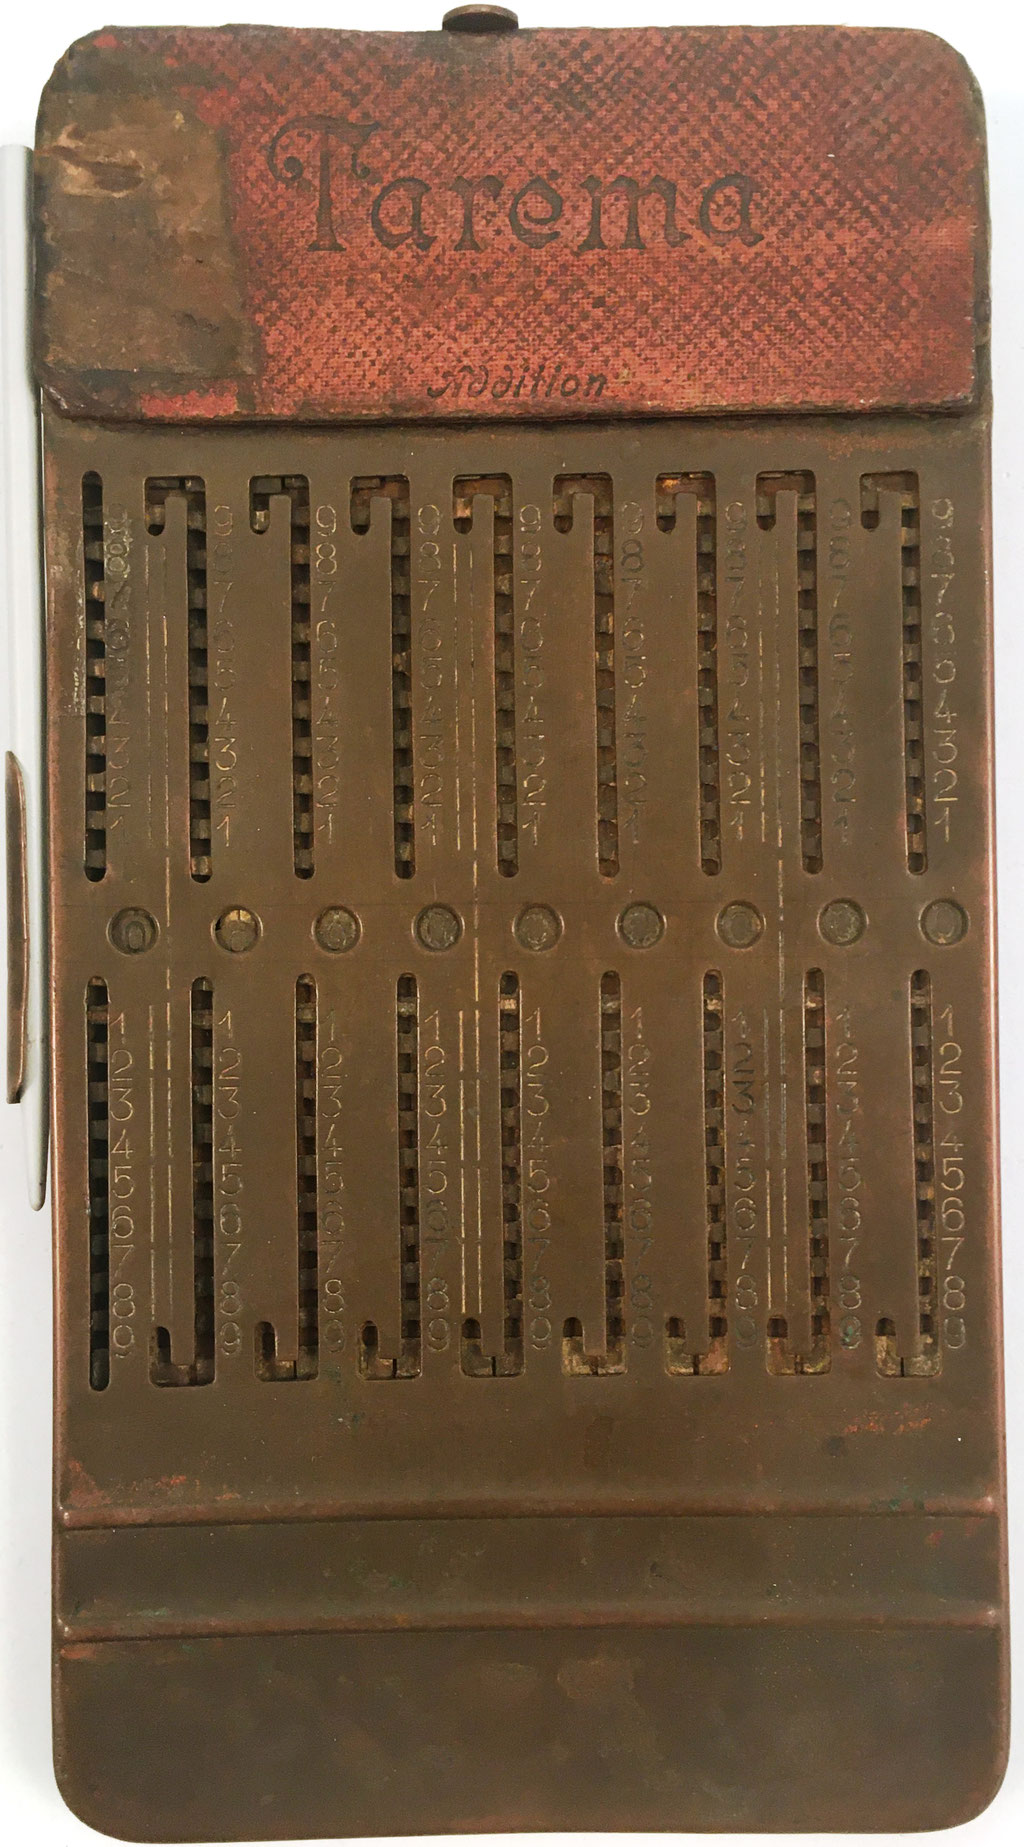 Ábaco de ranuras TAREMA, fabricado por H. W. Ebmeyer (Leipzig, Alemania), año 1920, 9x17 cm